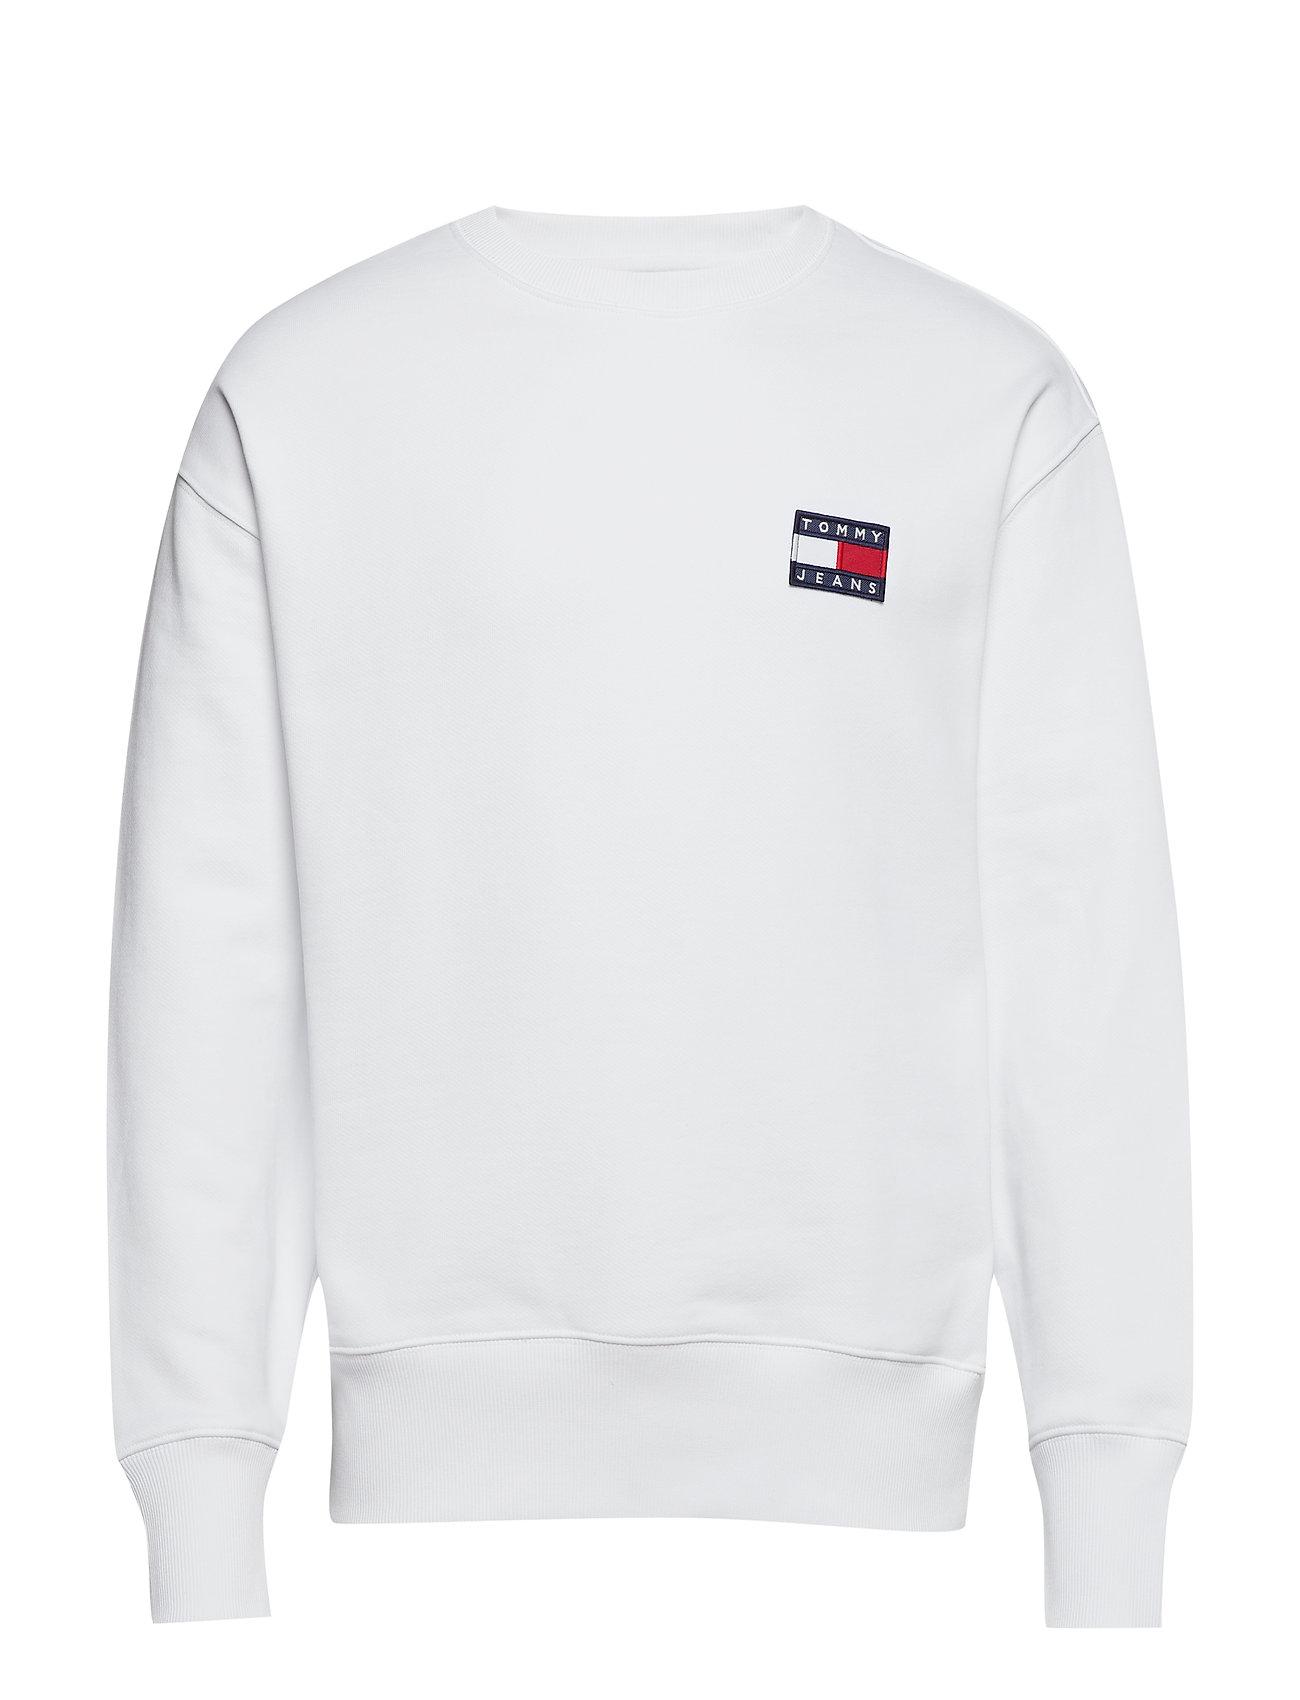 Image of Tjm Tommy Badge Crew Sweatshirt Trøje Hvid Tommy Jeans (3197576099)